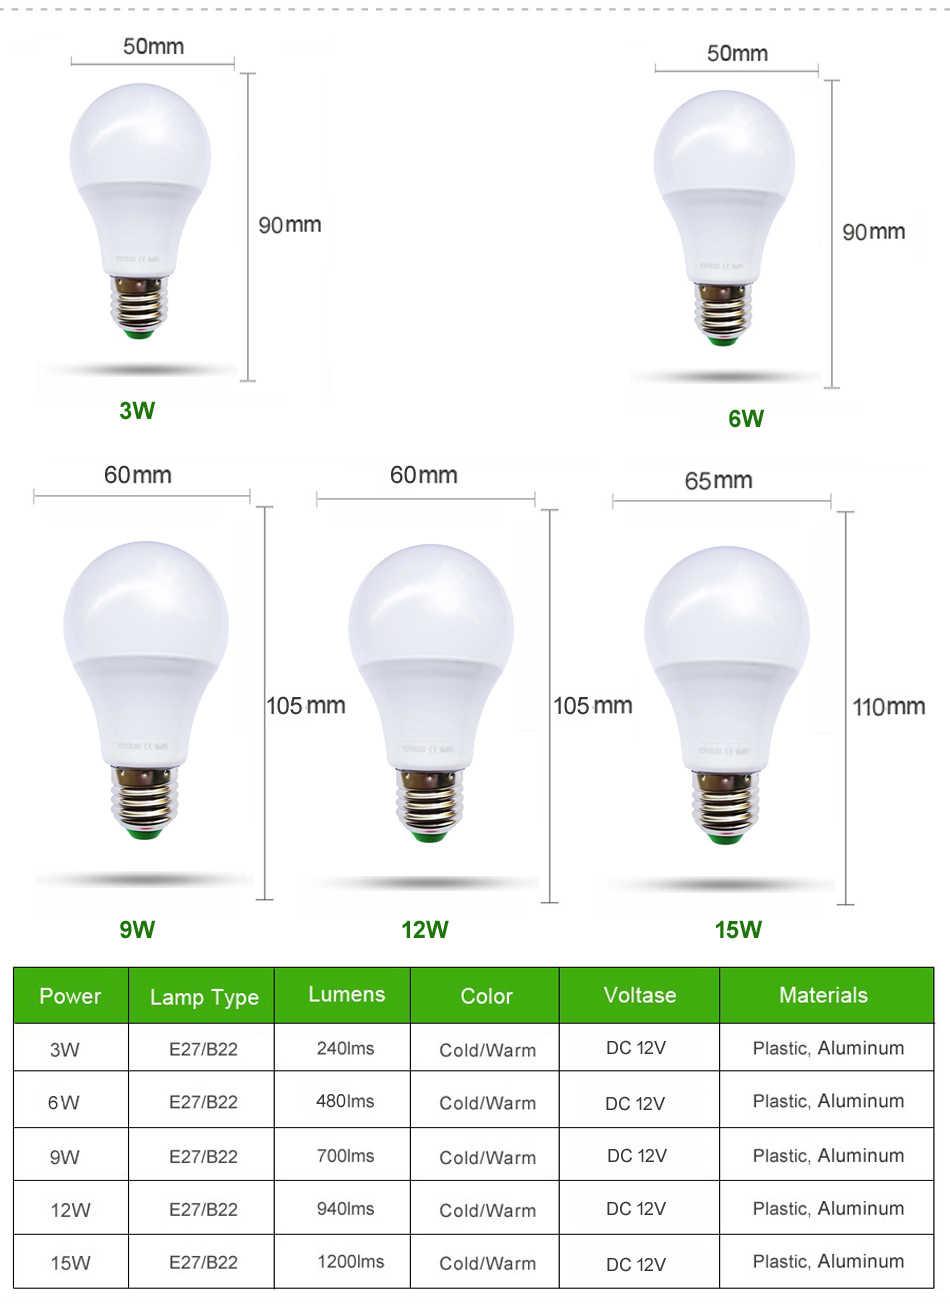 [Yoyoluo] светодиодный ламп, работающего на постоянном токе 12 В в 15 Вт 12 Вт 9 Вт 6 Вт 3 Вт E27 холодный теплый белый светодиодный светильник домашний Отдых Охота аварийного открытый свет lamparas